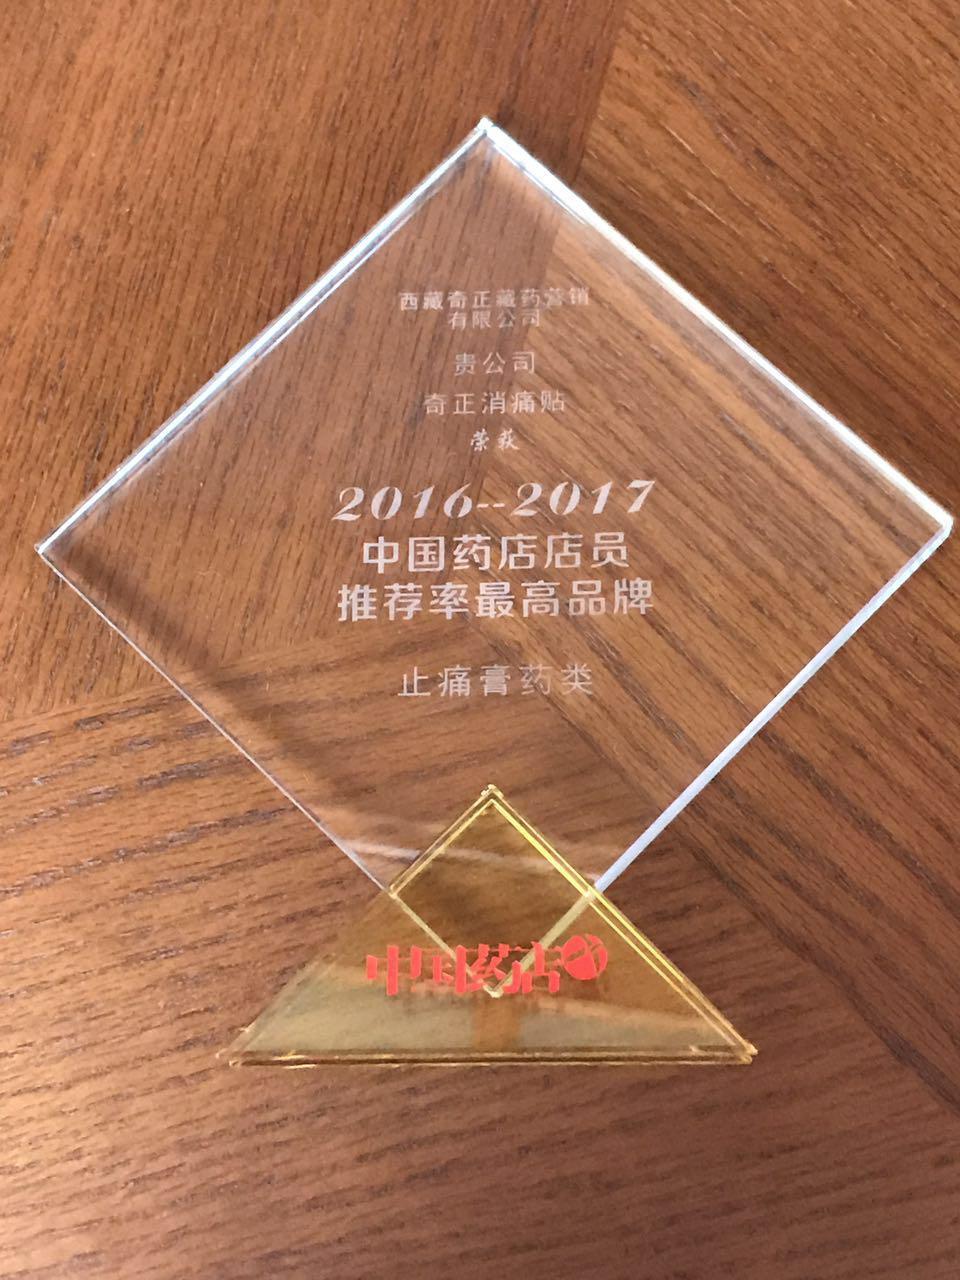 """喜讯!奇正消痛贴膏®荣获""""中国药店店员推荐率最高品牌""""殊荣"""